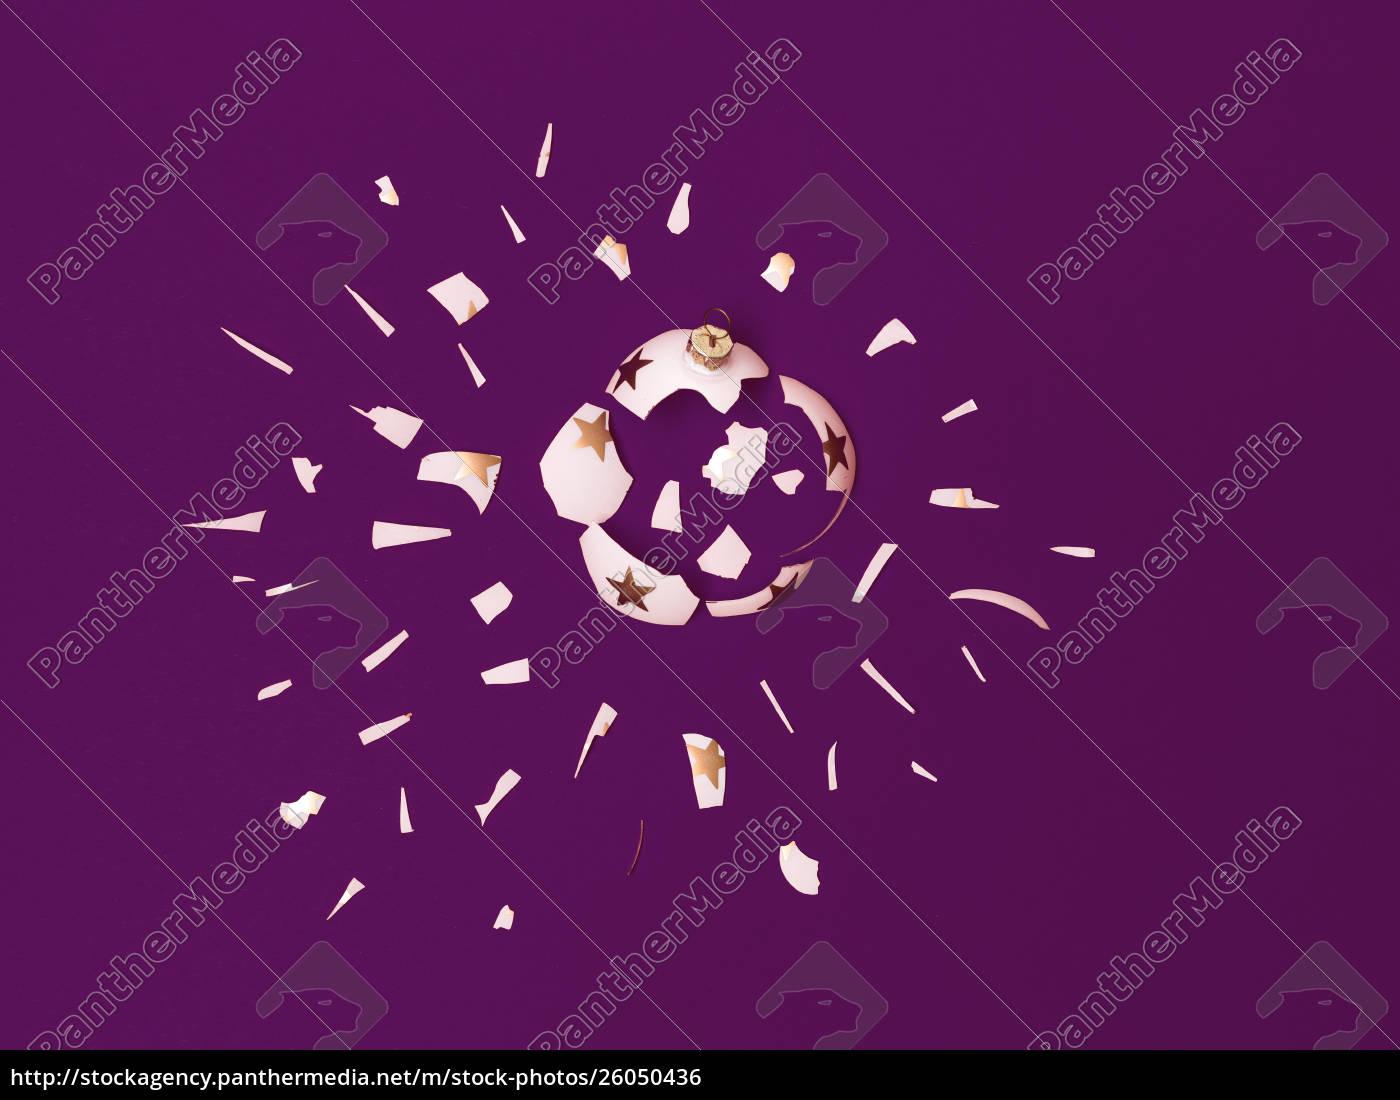 große, explodierende, weiße, kugel, mit, goldenen - 26050436